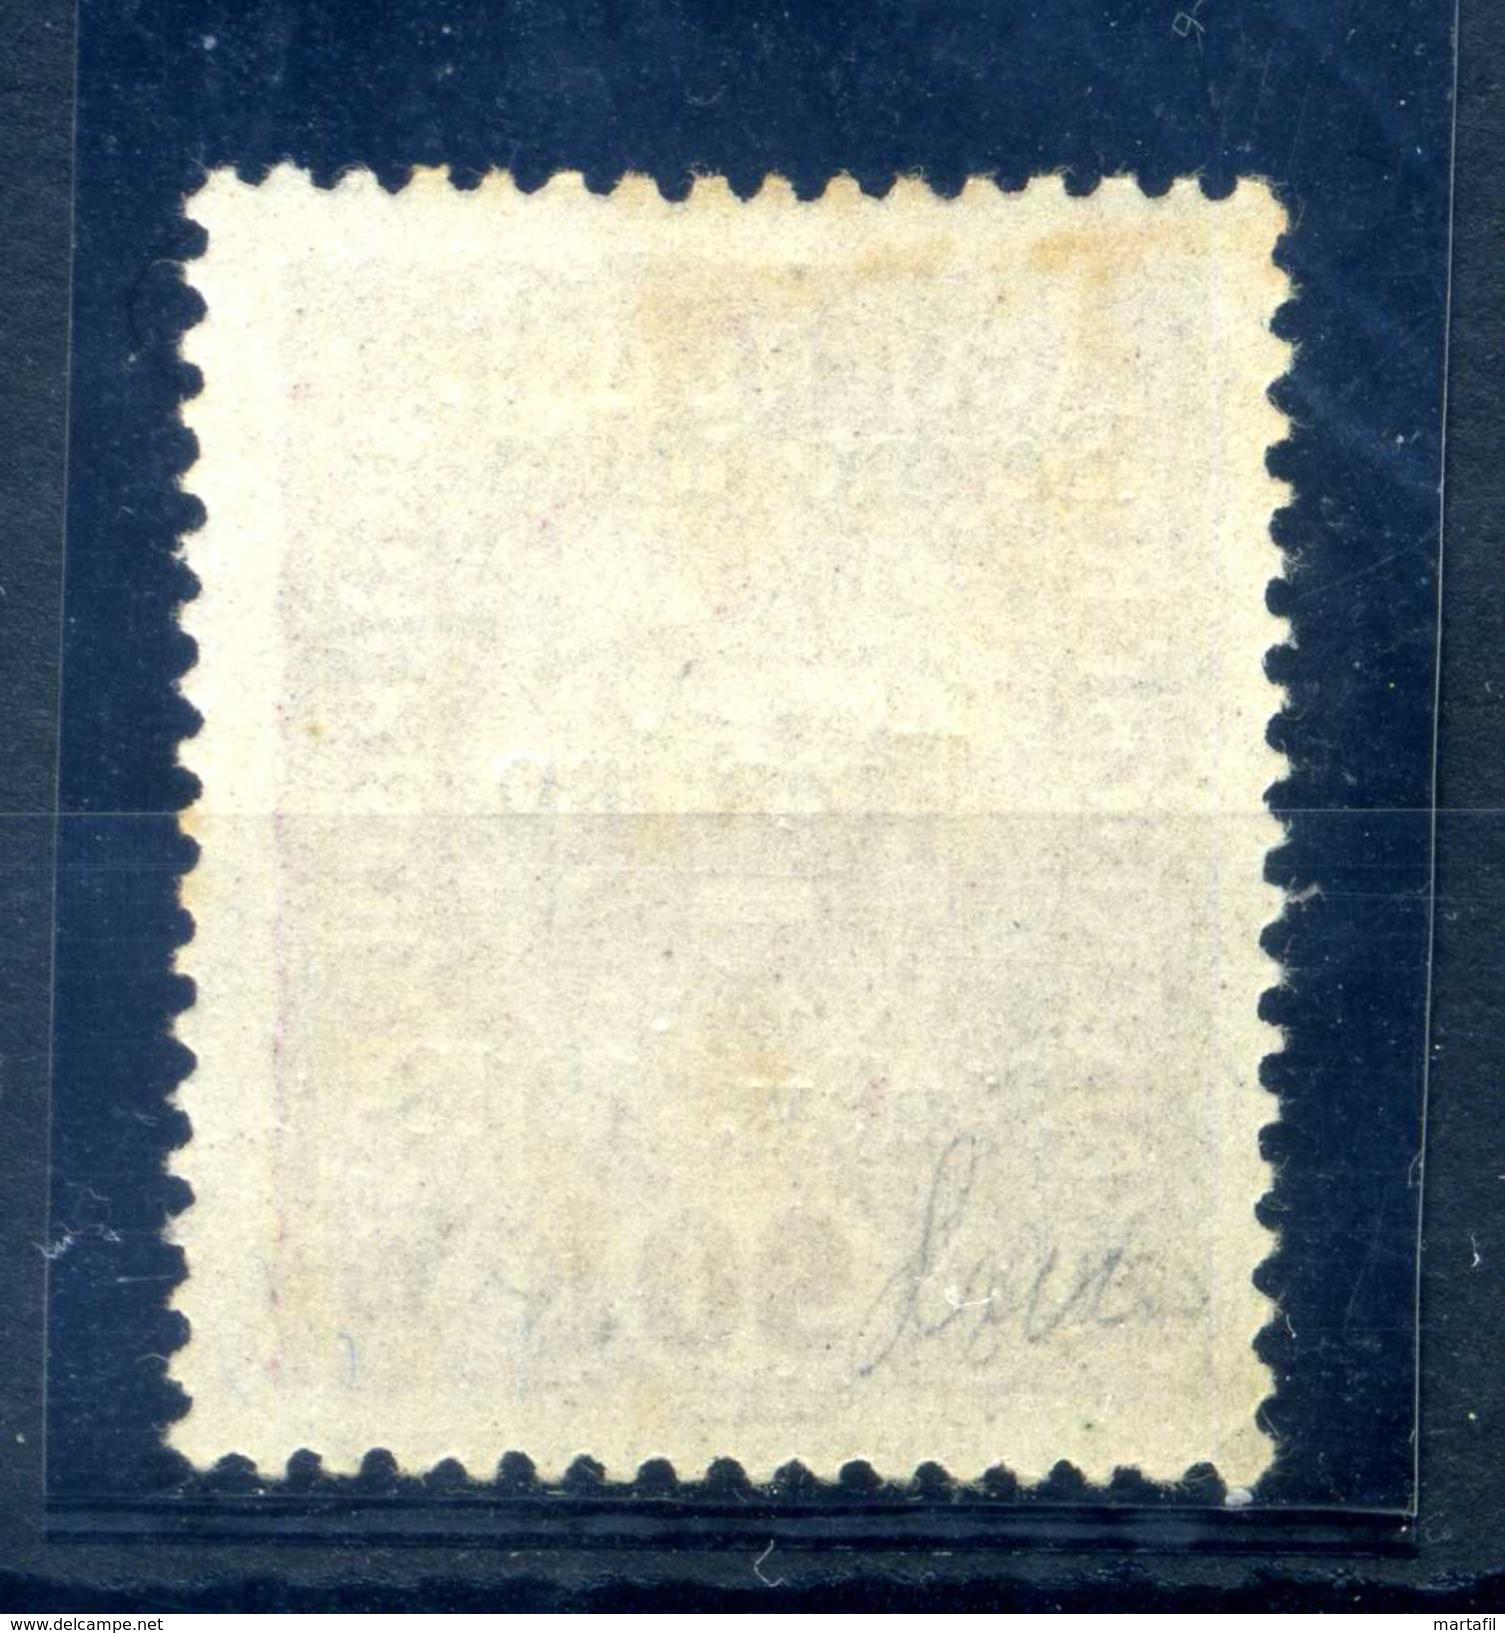 1918 Occ. Trentino 90h. MNH ** SIGNED - 8. Occupazione 1a Guerra